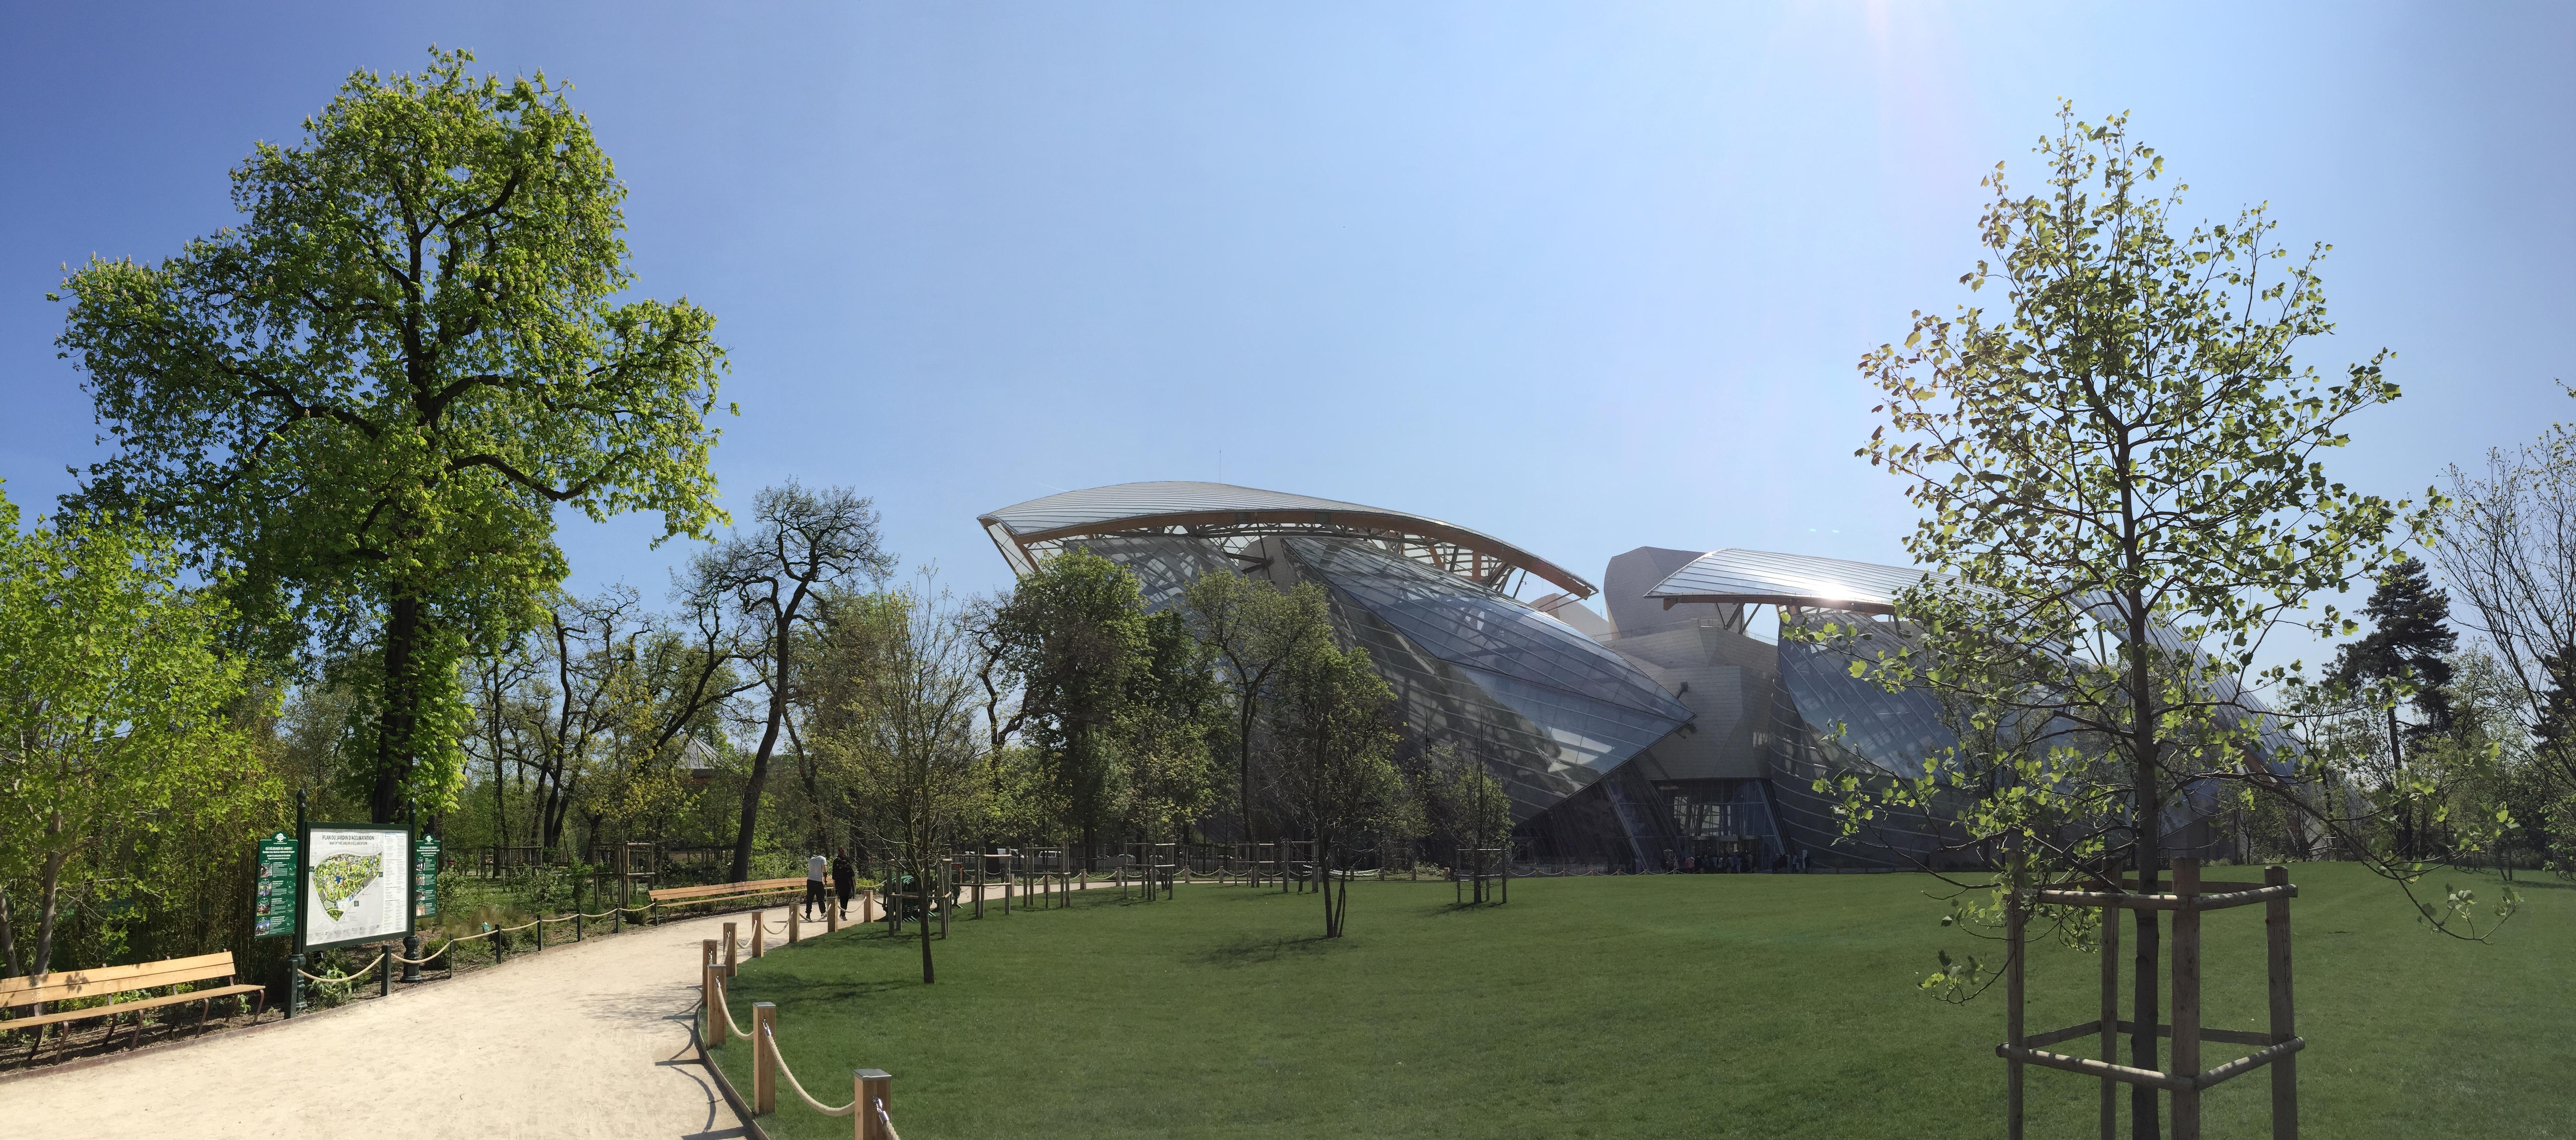 Jardin D'Acclimatation e Fondation Luis Vuitton,